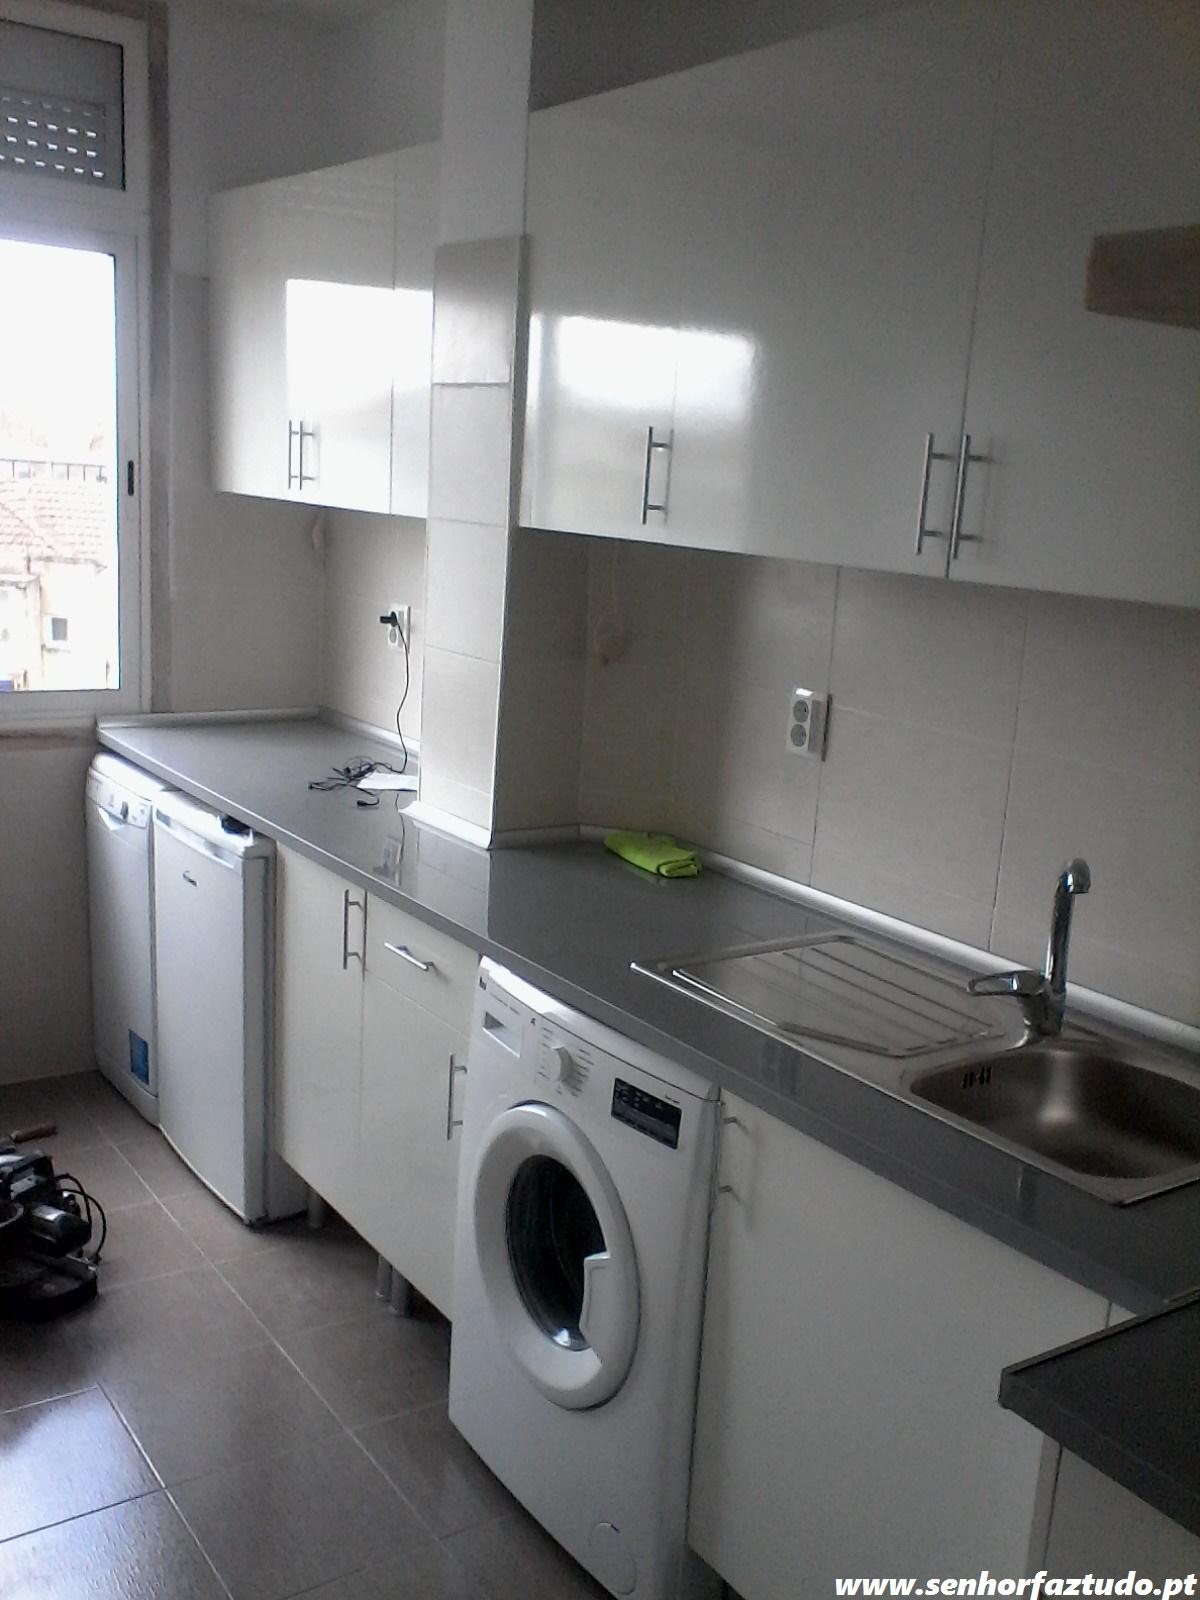 senhor faz tudo faz tudo pelo seu lar montagem de uma cozinha basic do leroy merlim. Black Bedroom Furniture Sets. Home Design Ideas